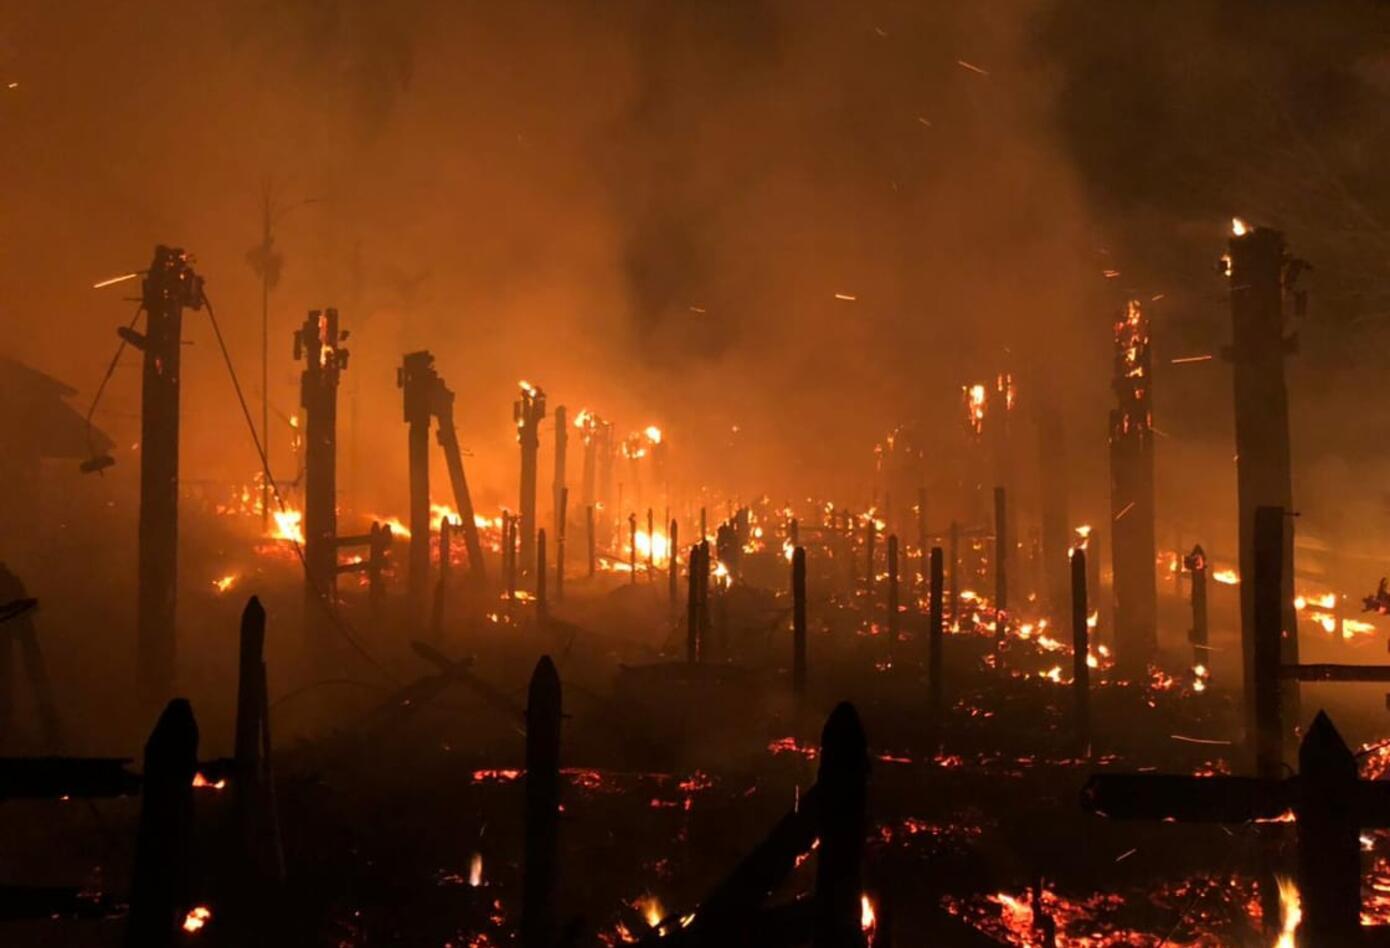 Rayo provocó incendio en el parque Panaca